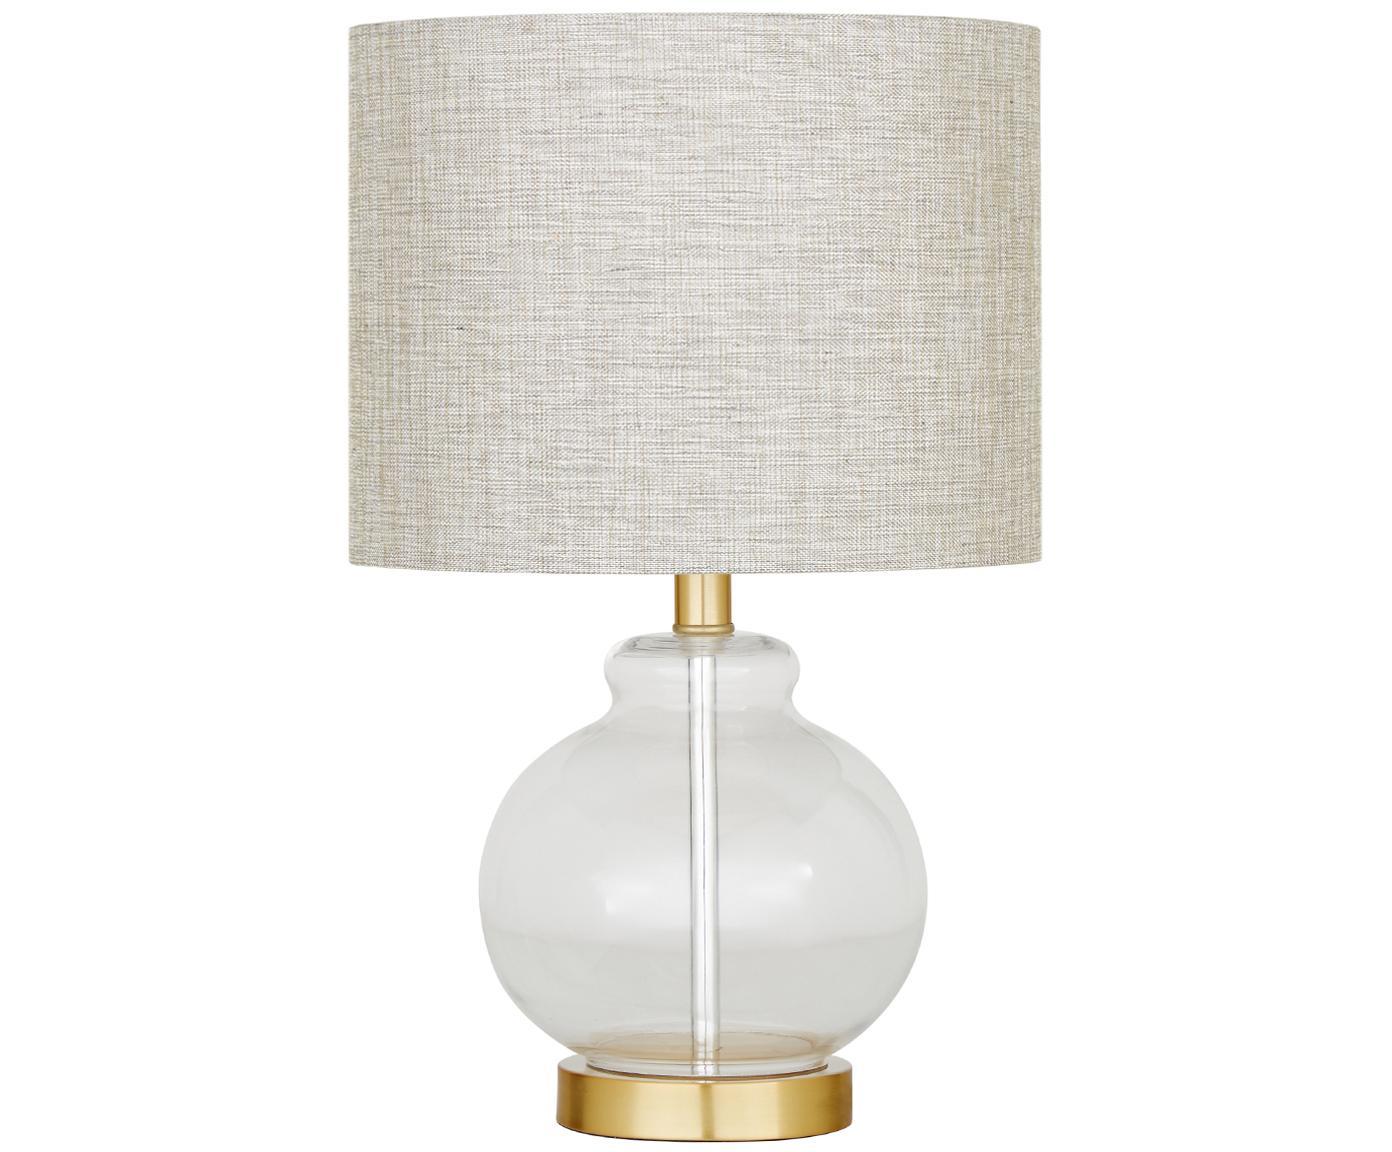 Tischleuchte Natty mit Glasfuß, Lampenschirm: Textil, Lampenfuß: Glas, Messing, gebürstet, Taupe, Transparent, Ø 31 x H 48 cm